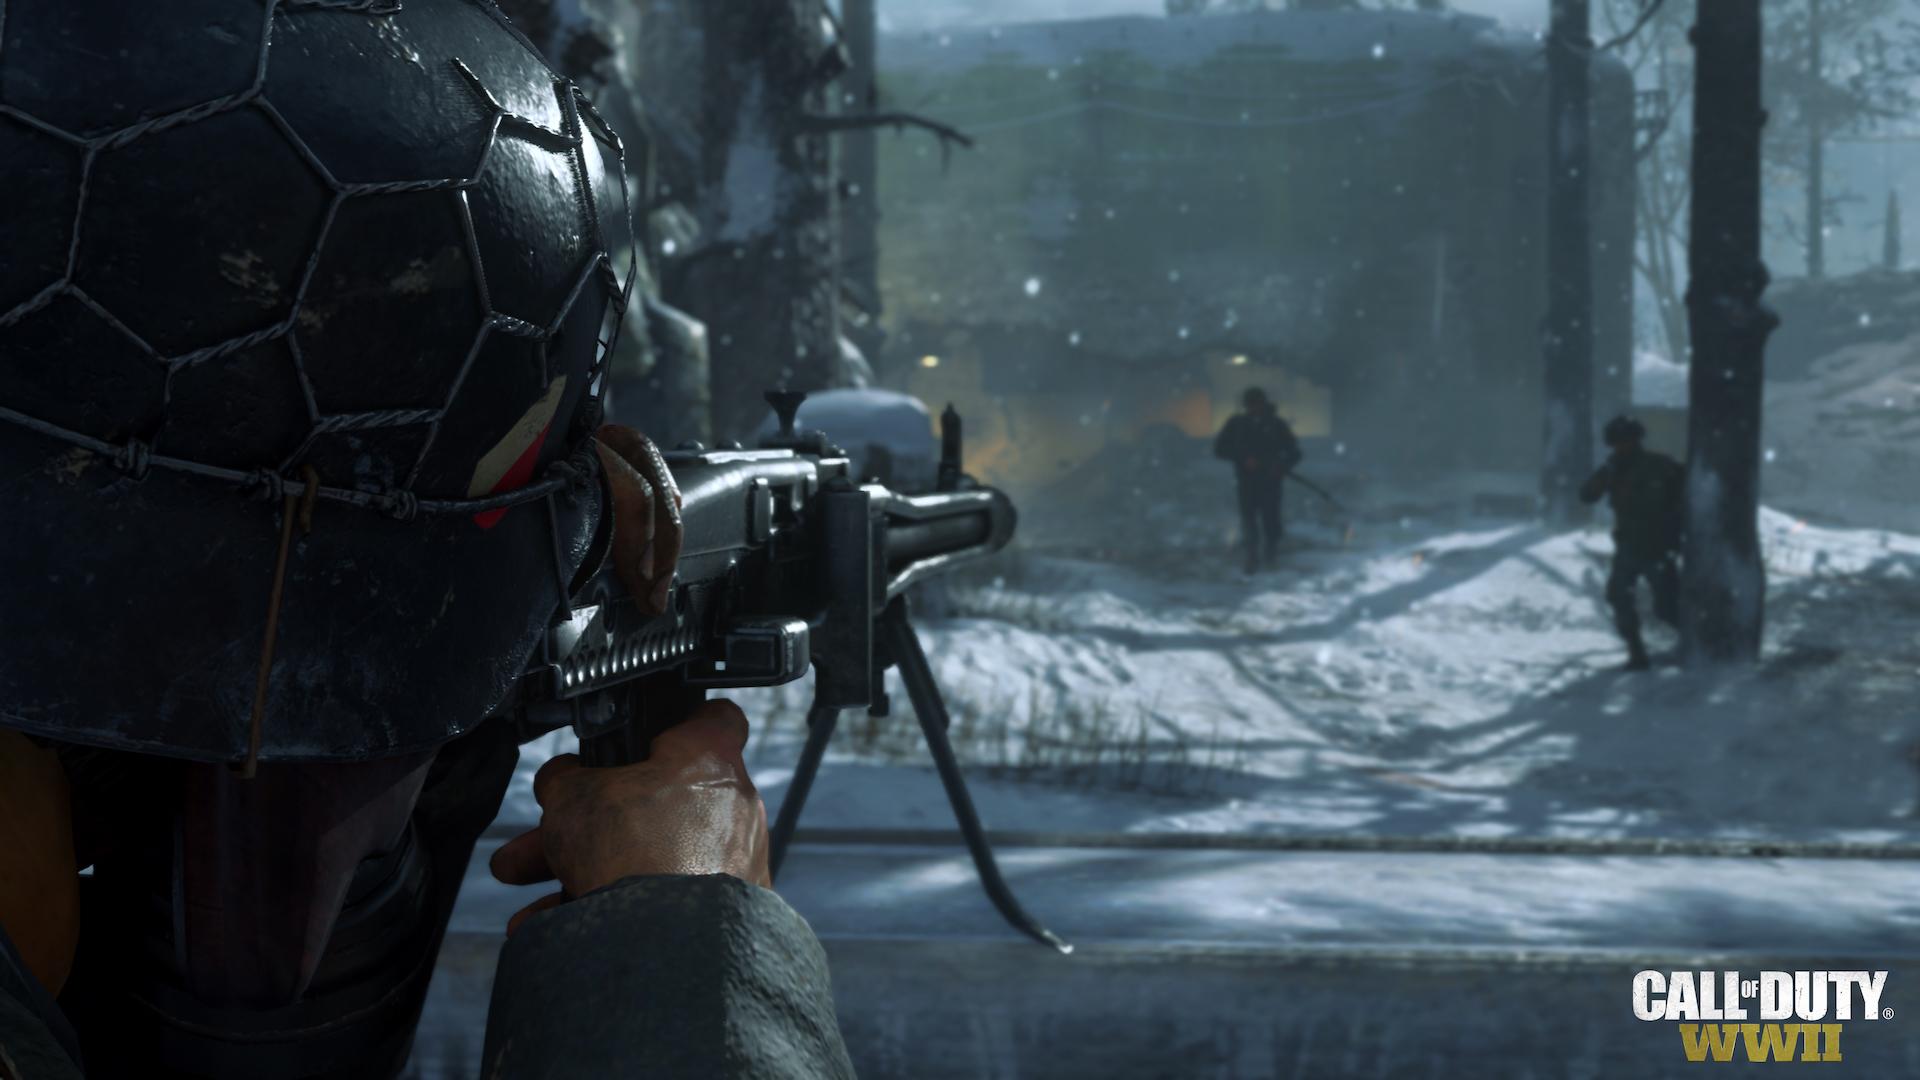 سازندگان بازی Call of Duty: Vanguard